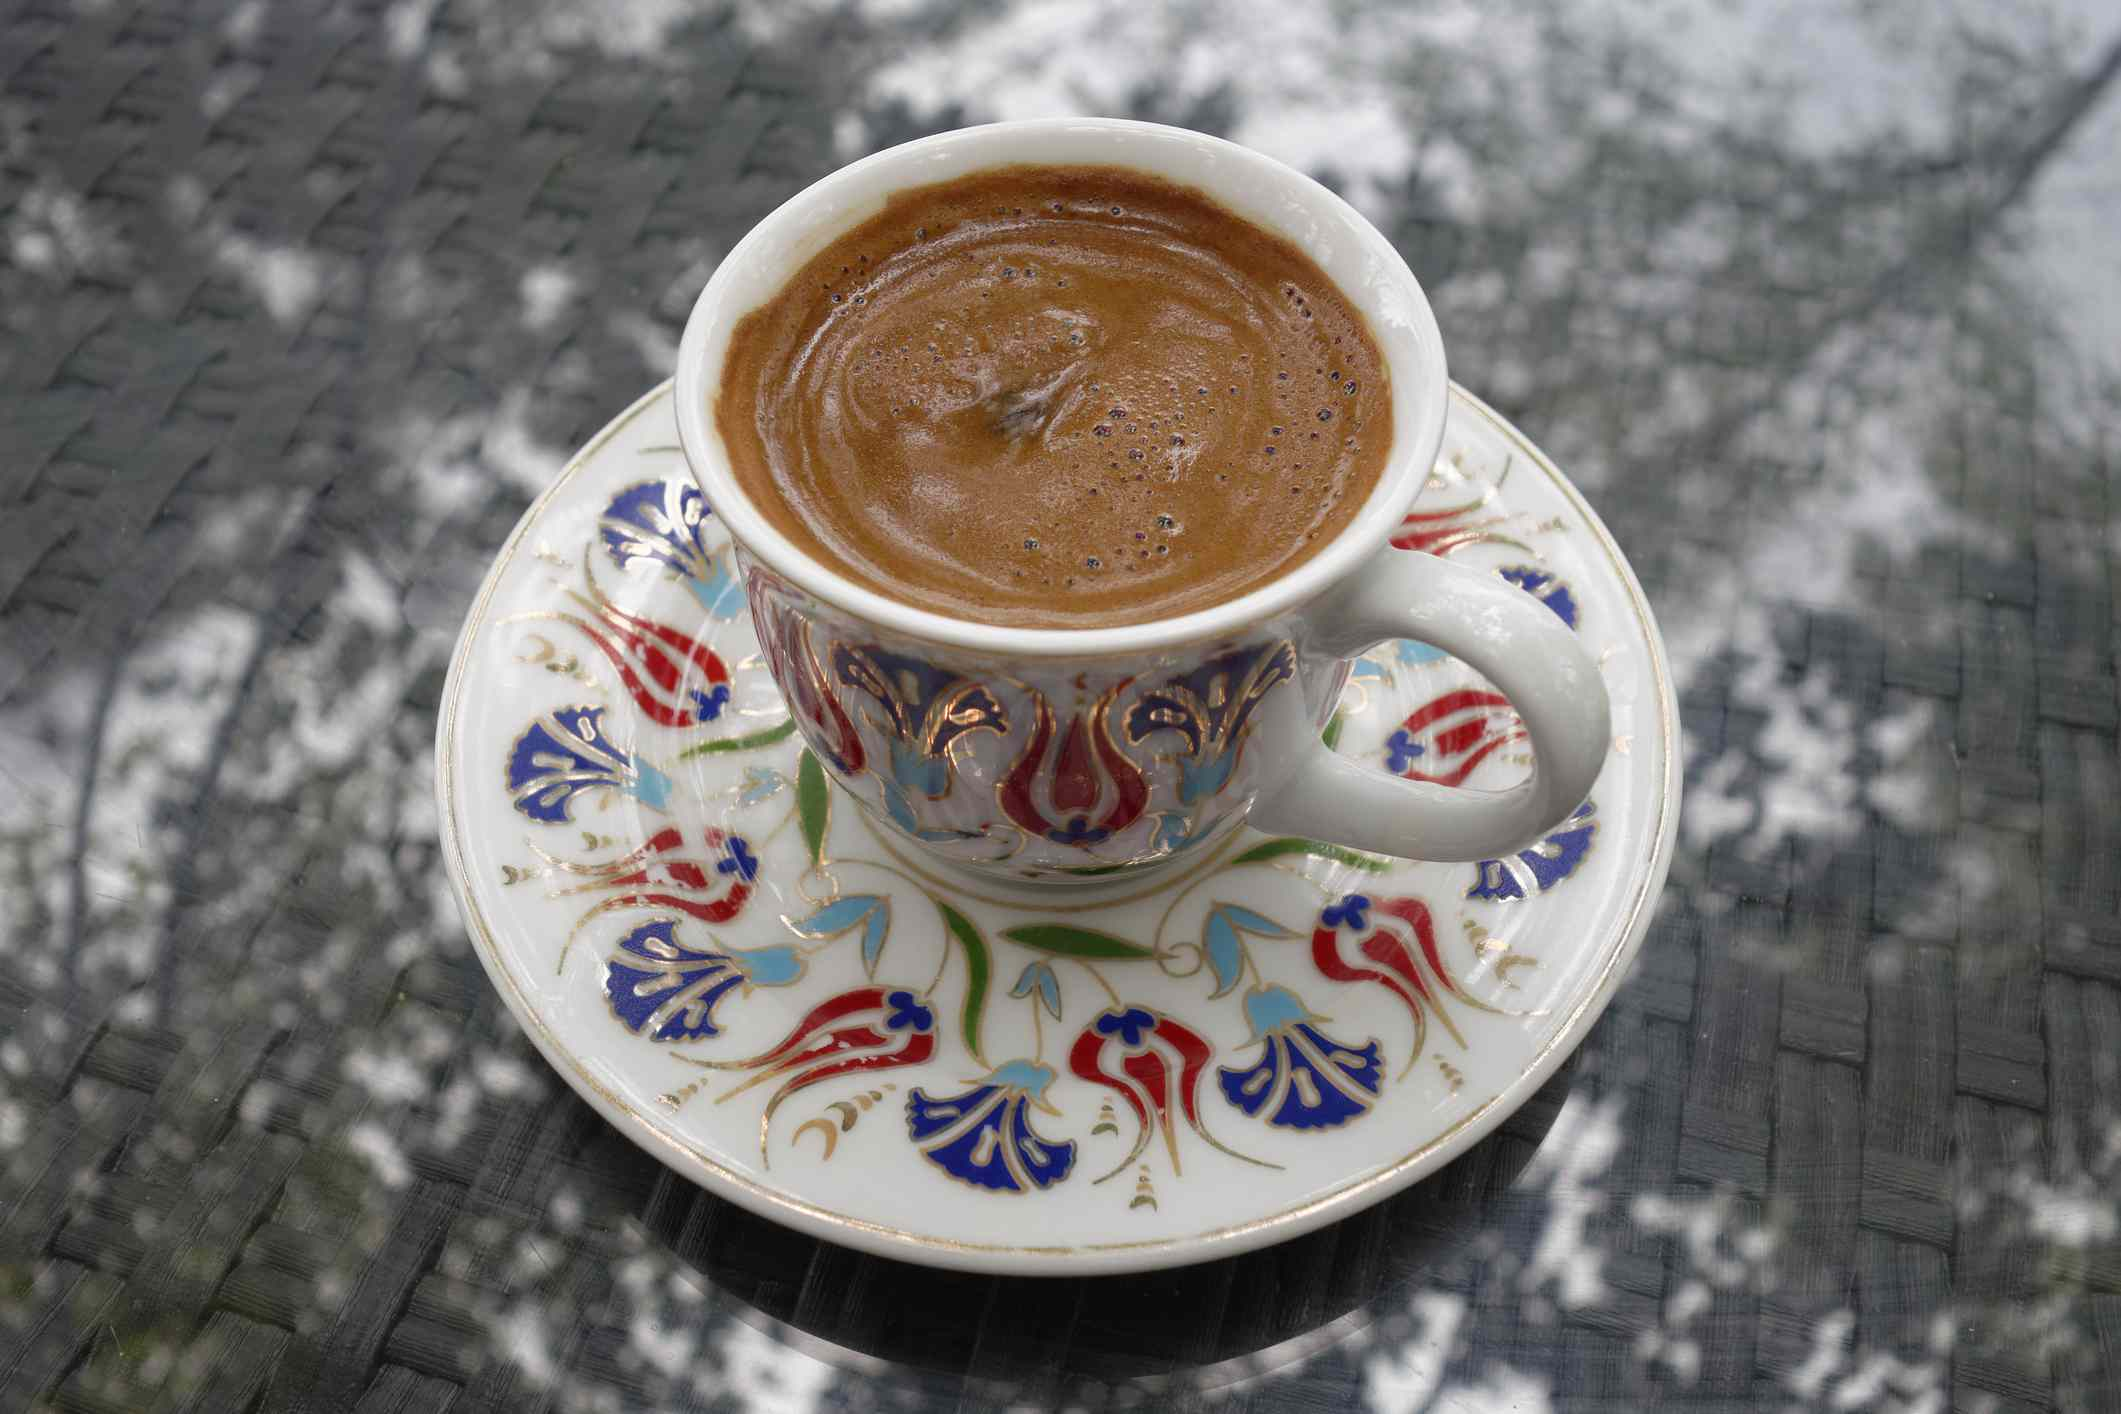 Кофейные традиции разных стран мира, кофейные традиции разных стран